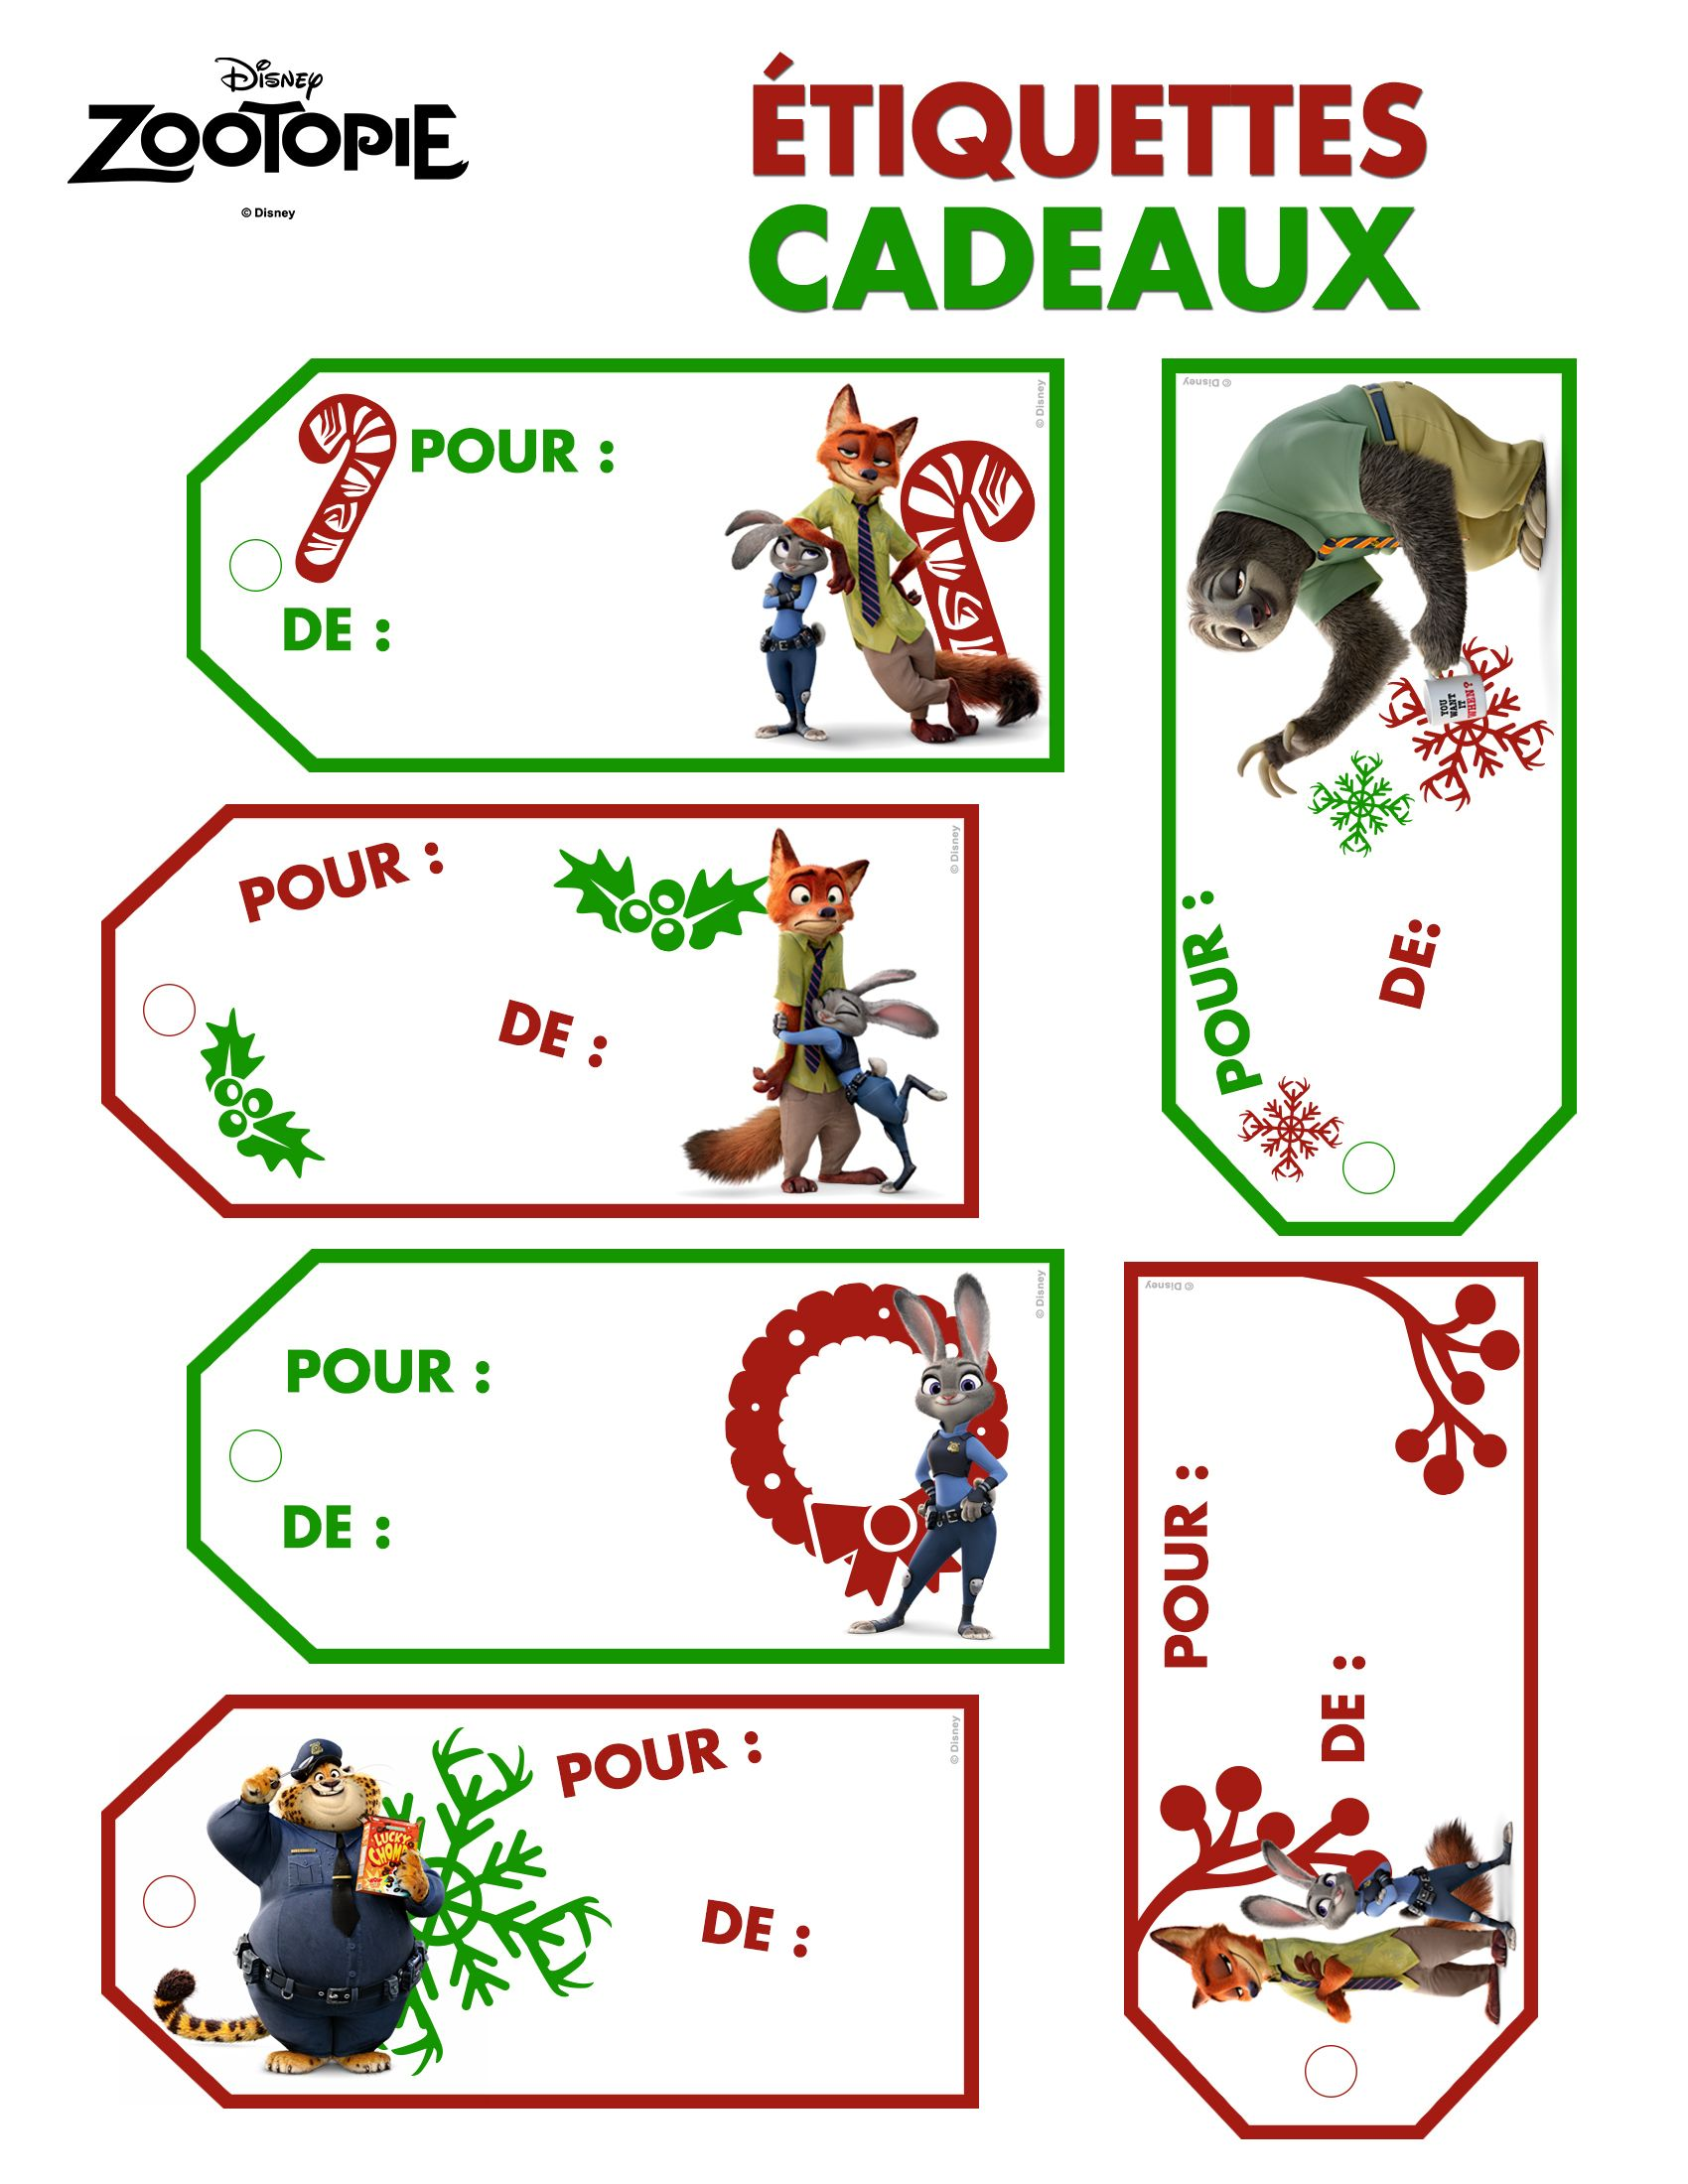 Etiquettes Cadeaux Zootopie